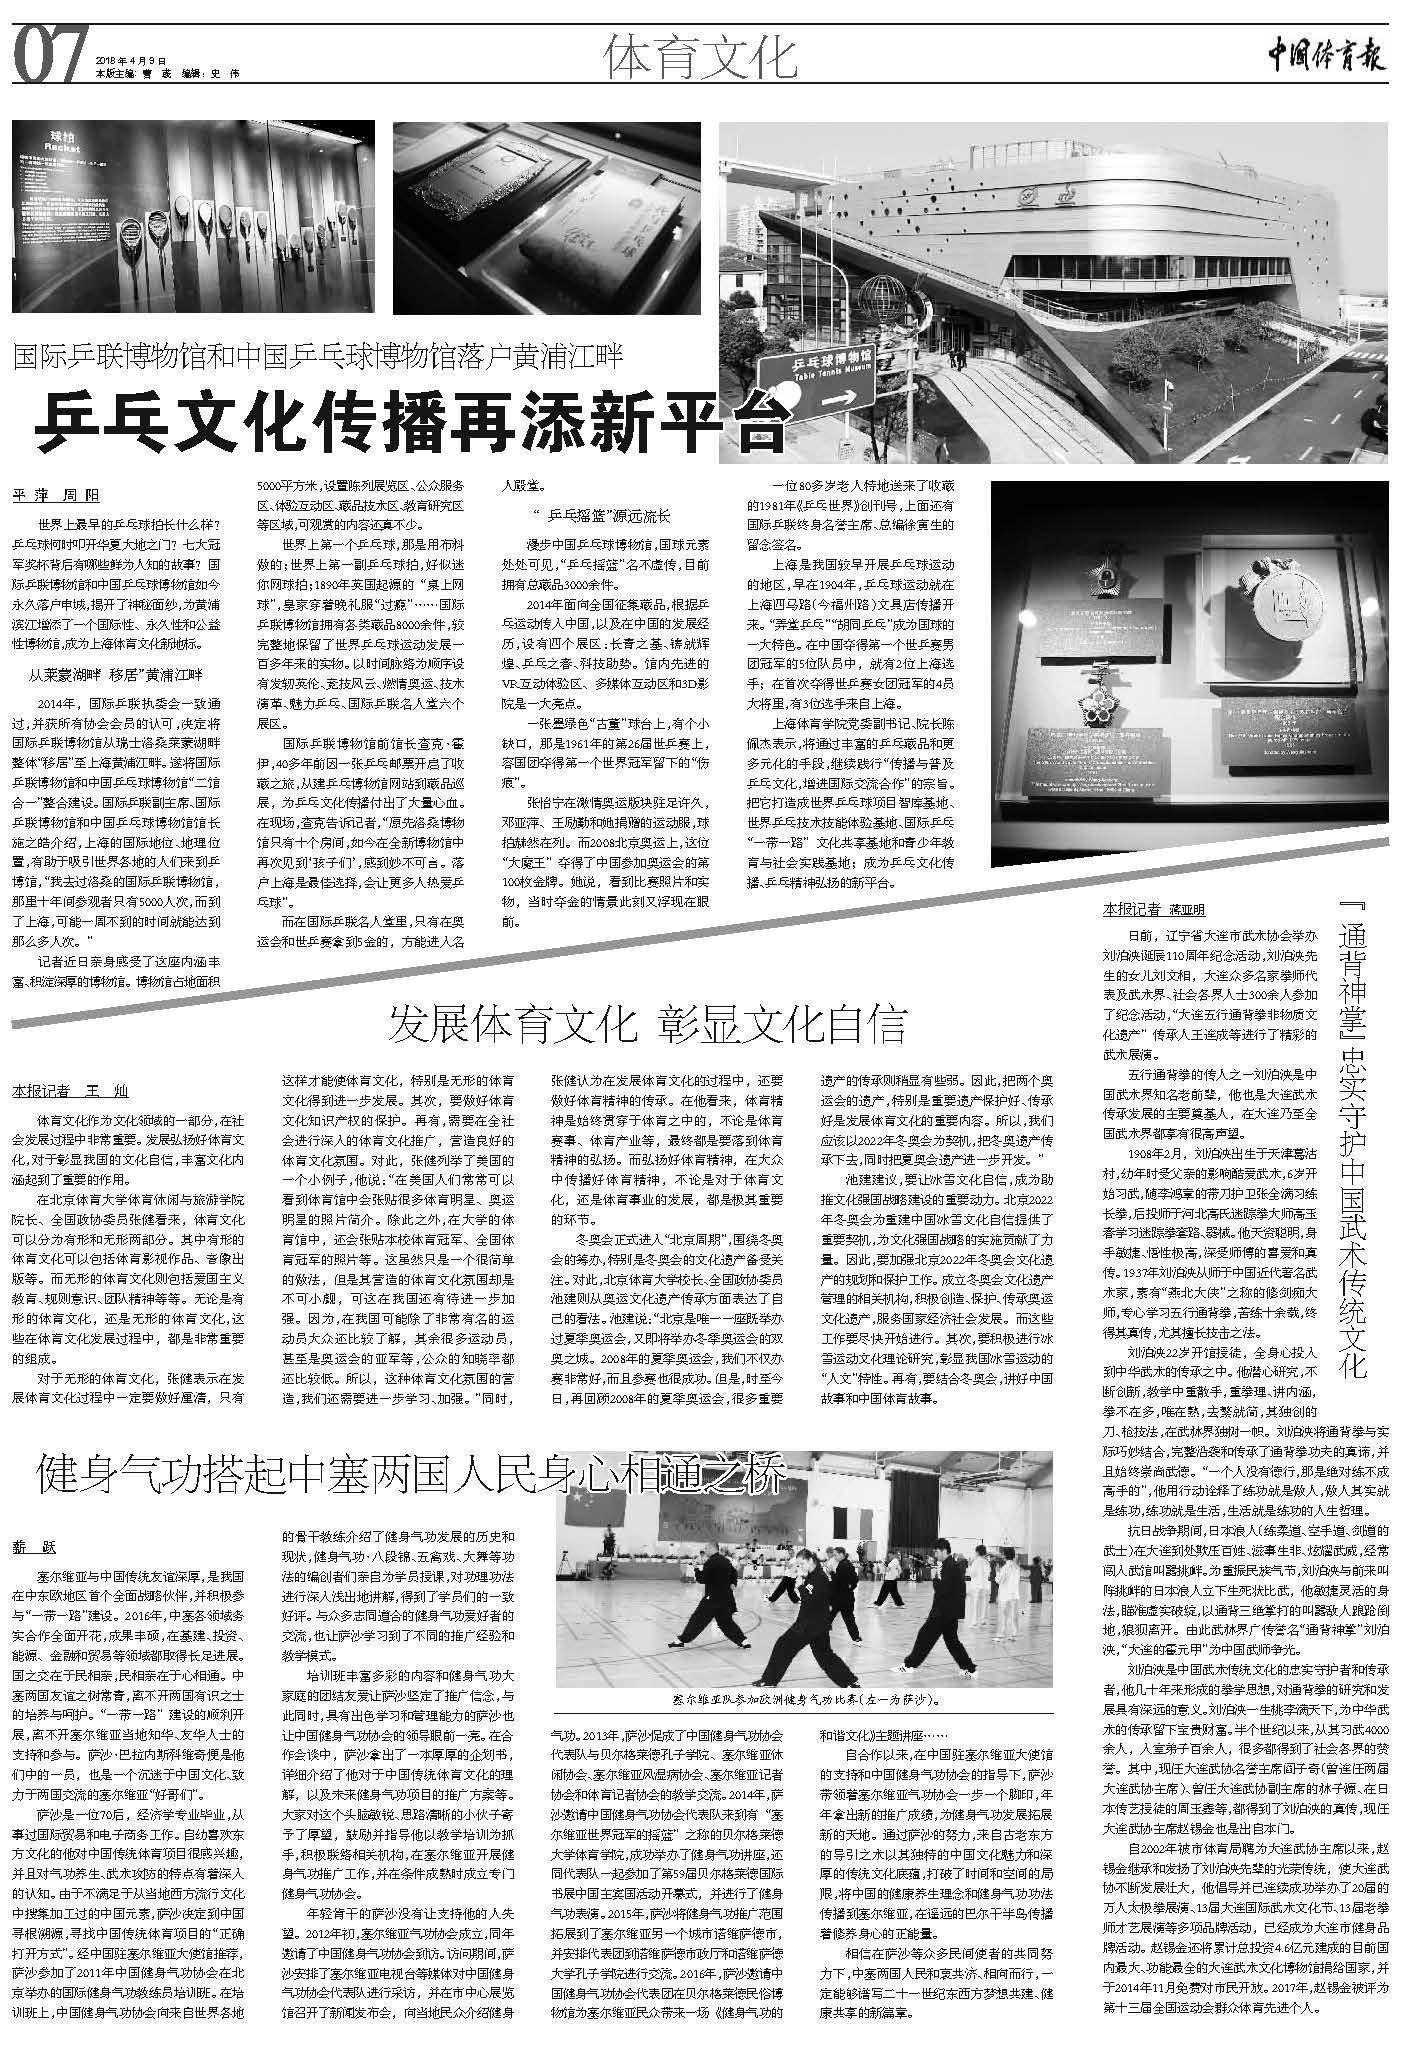 Cigong_savez_u_kineskim_novinama_2018